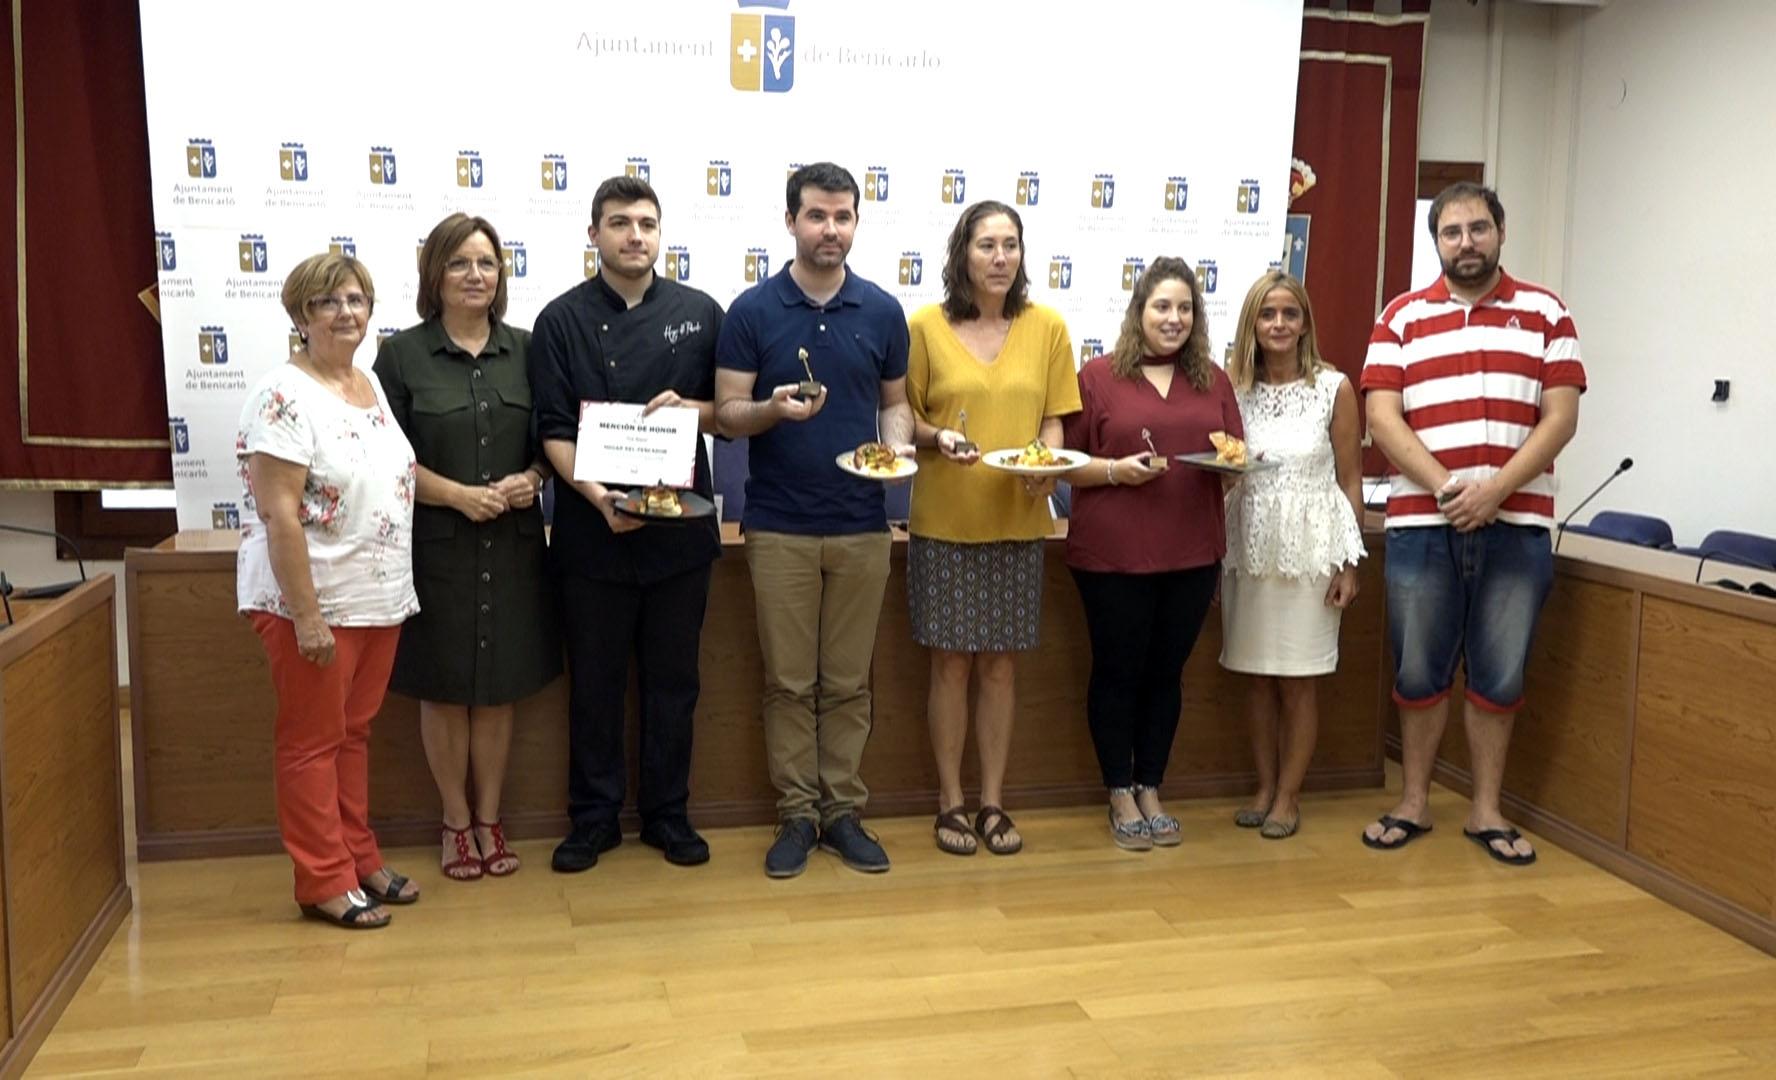 Benicarló, es premien les millors tapes de les Jornades del Pinxo del Polp a Caduf